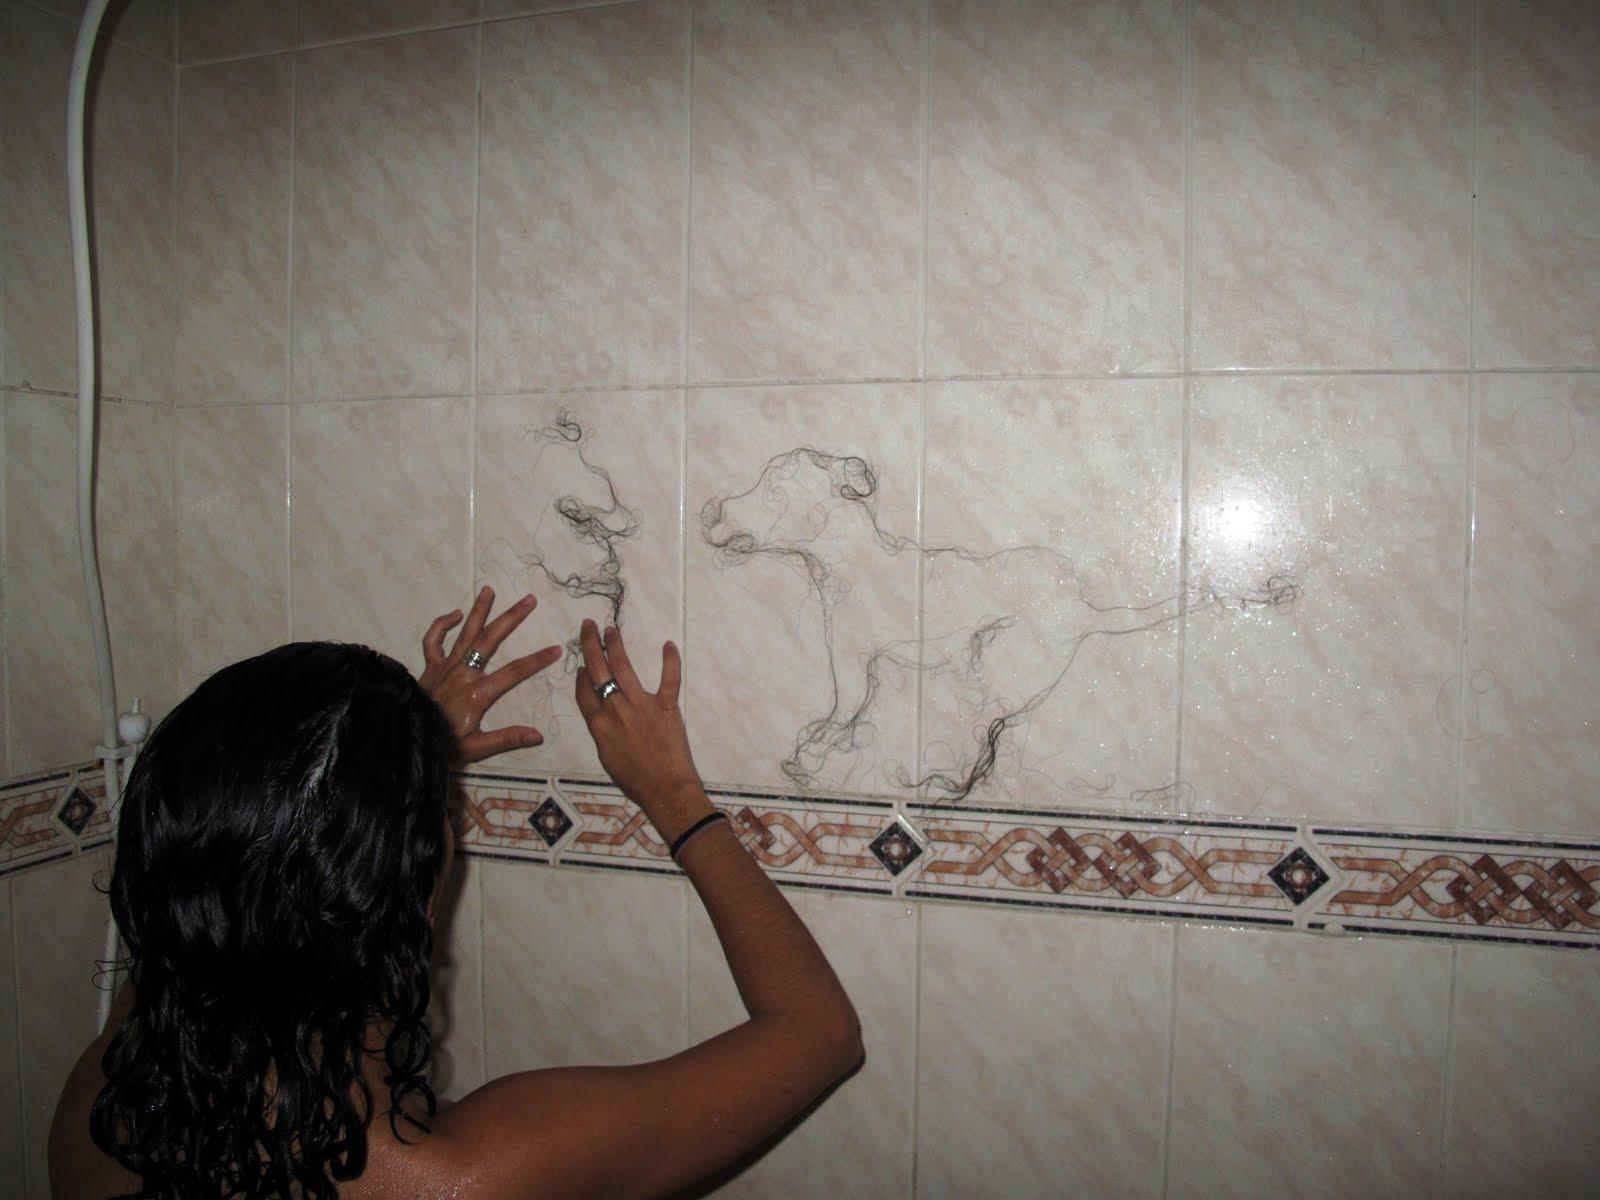 Pinturas de um romance inacabado: Dinâmica Capilar #604539 1600x1200 Azulejo Banheiro Dimensões